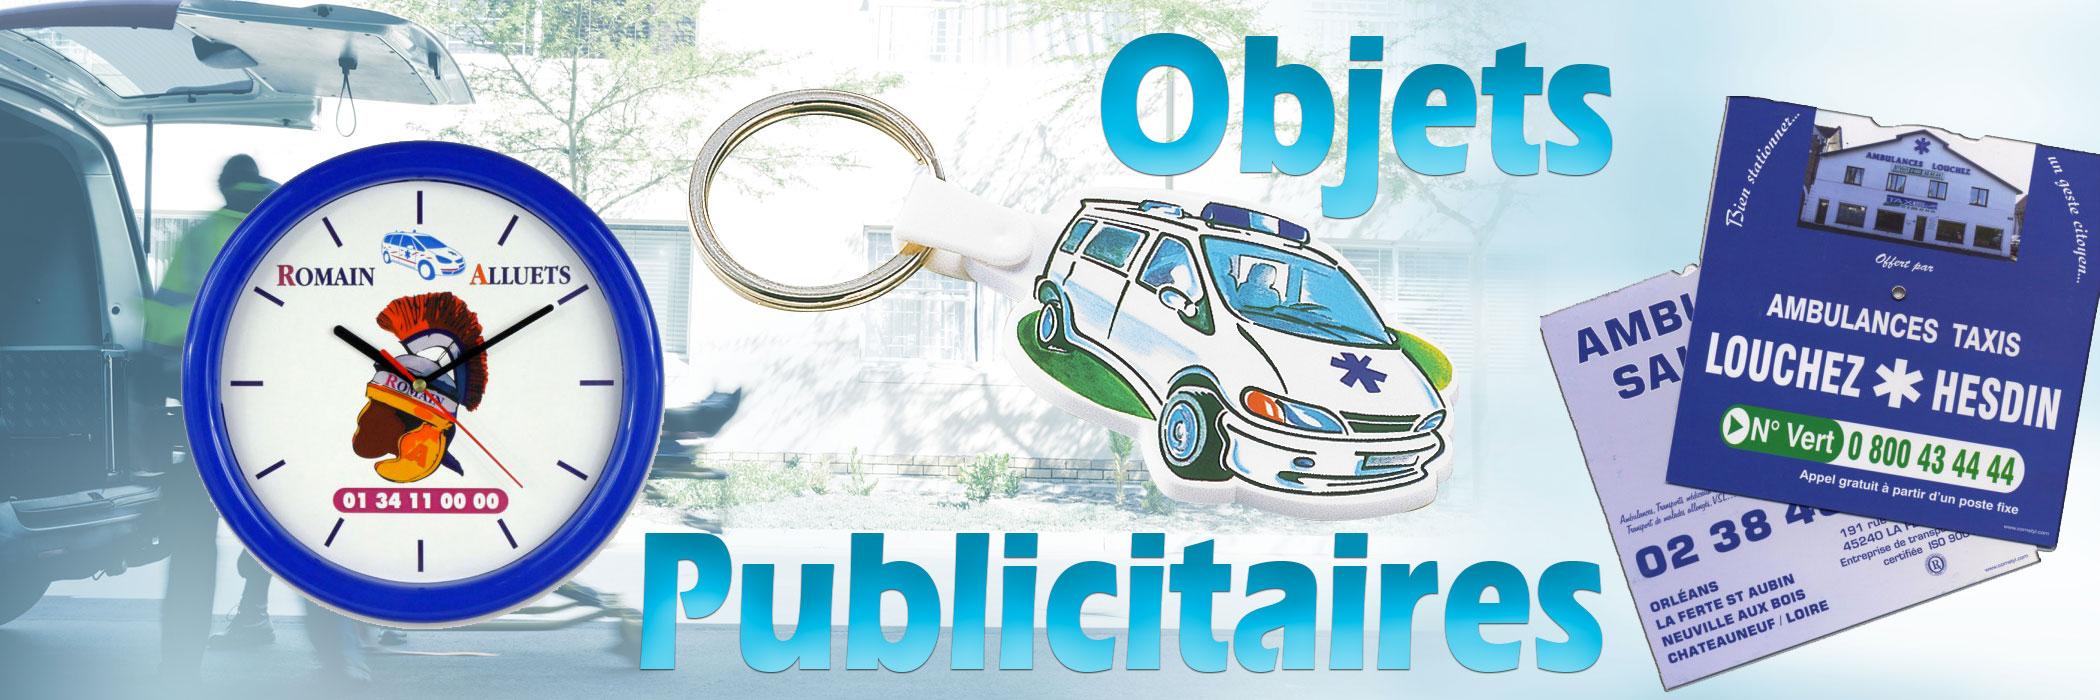 Objets publicitaires ambulancier sur Ambu Promo